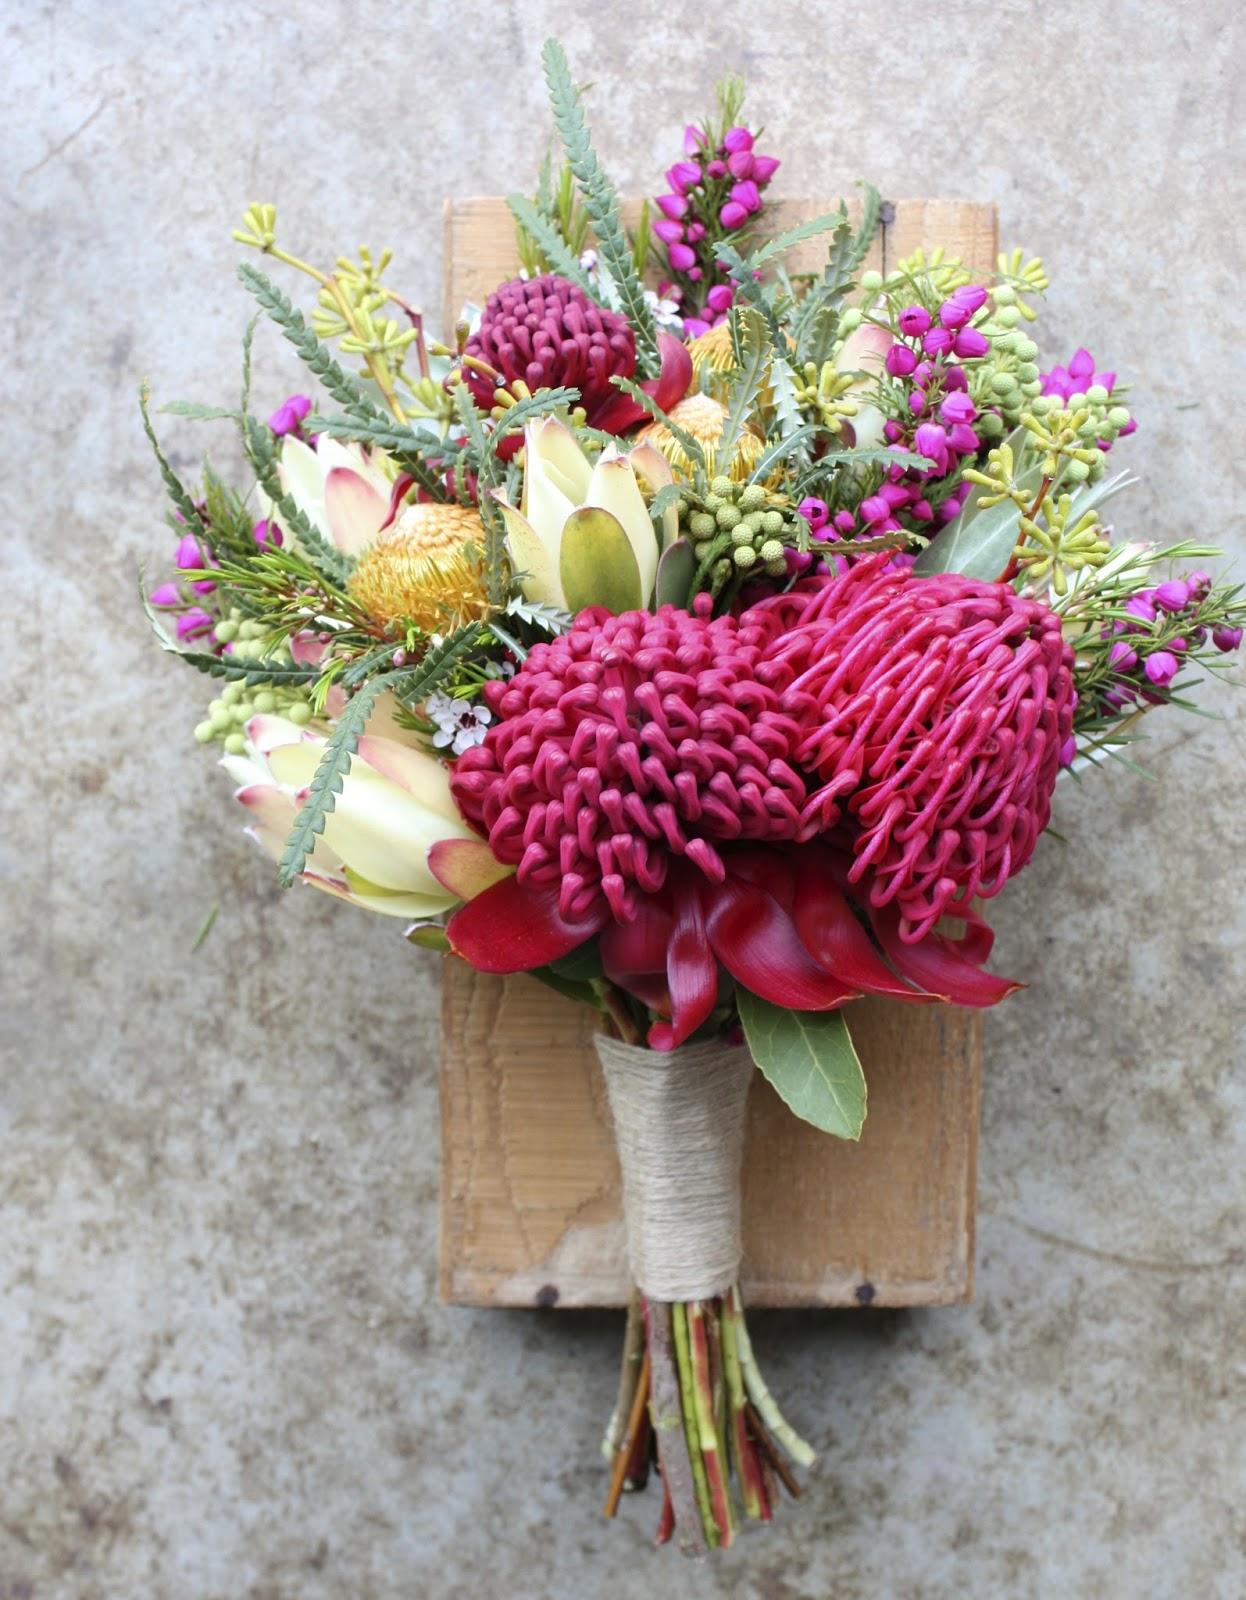 Swallows nest farm waratah wedding bouquets waratah wedding bouquets izmirmasajfo